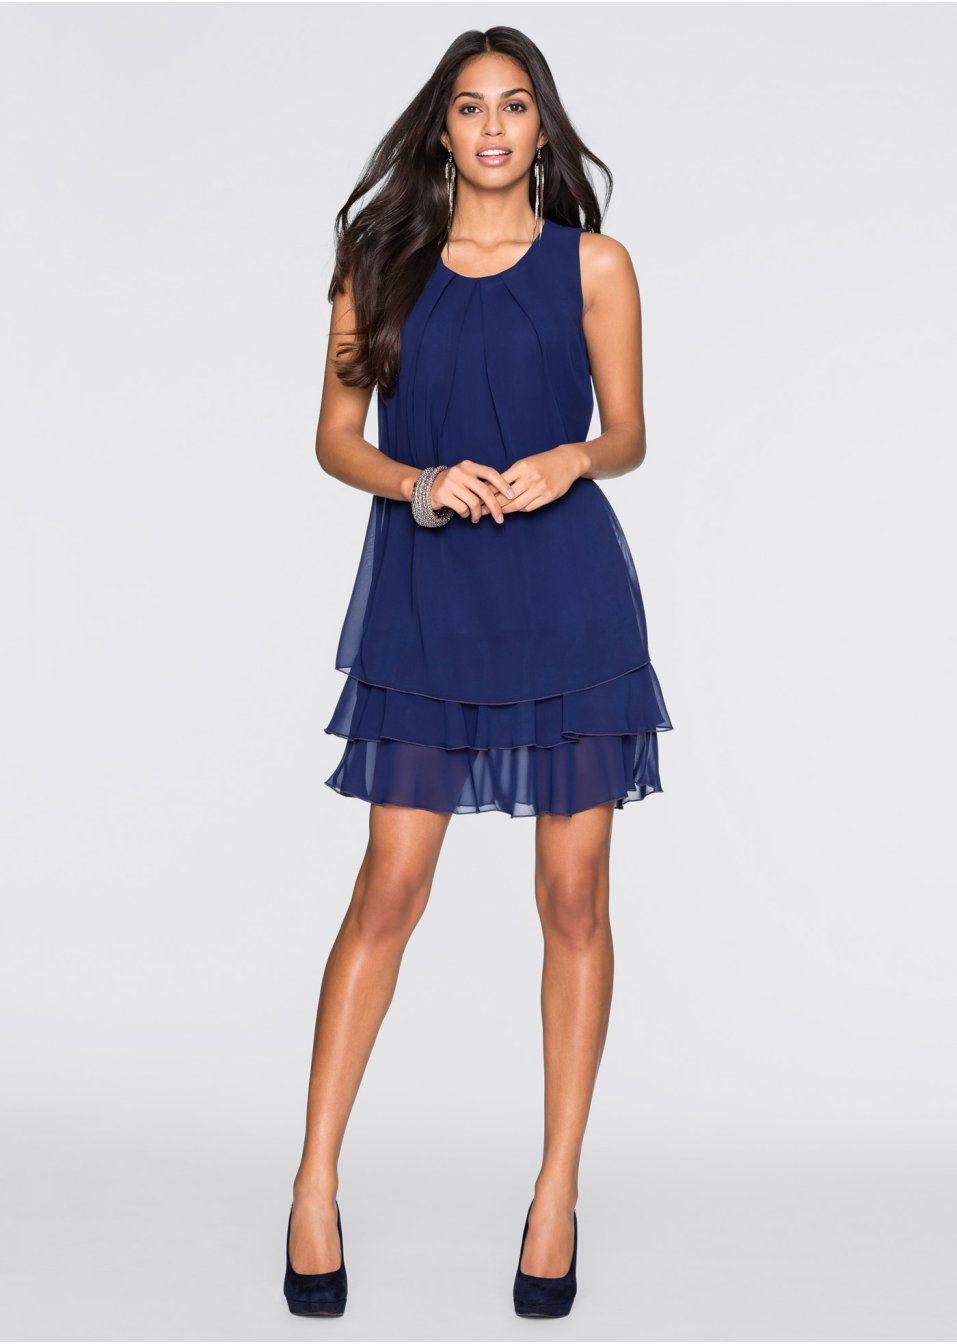 c98793026e Sukienka szyfonowa Elegancka sukienka • 109.99 zł • bonprix